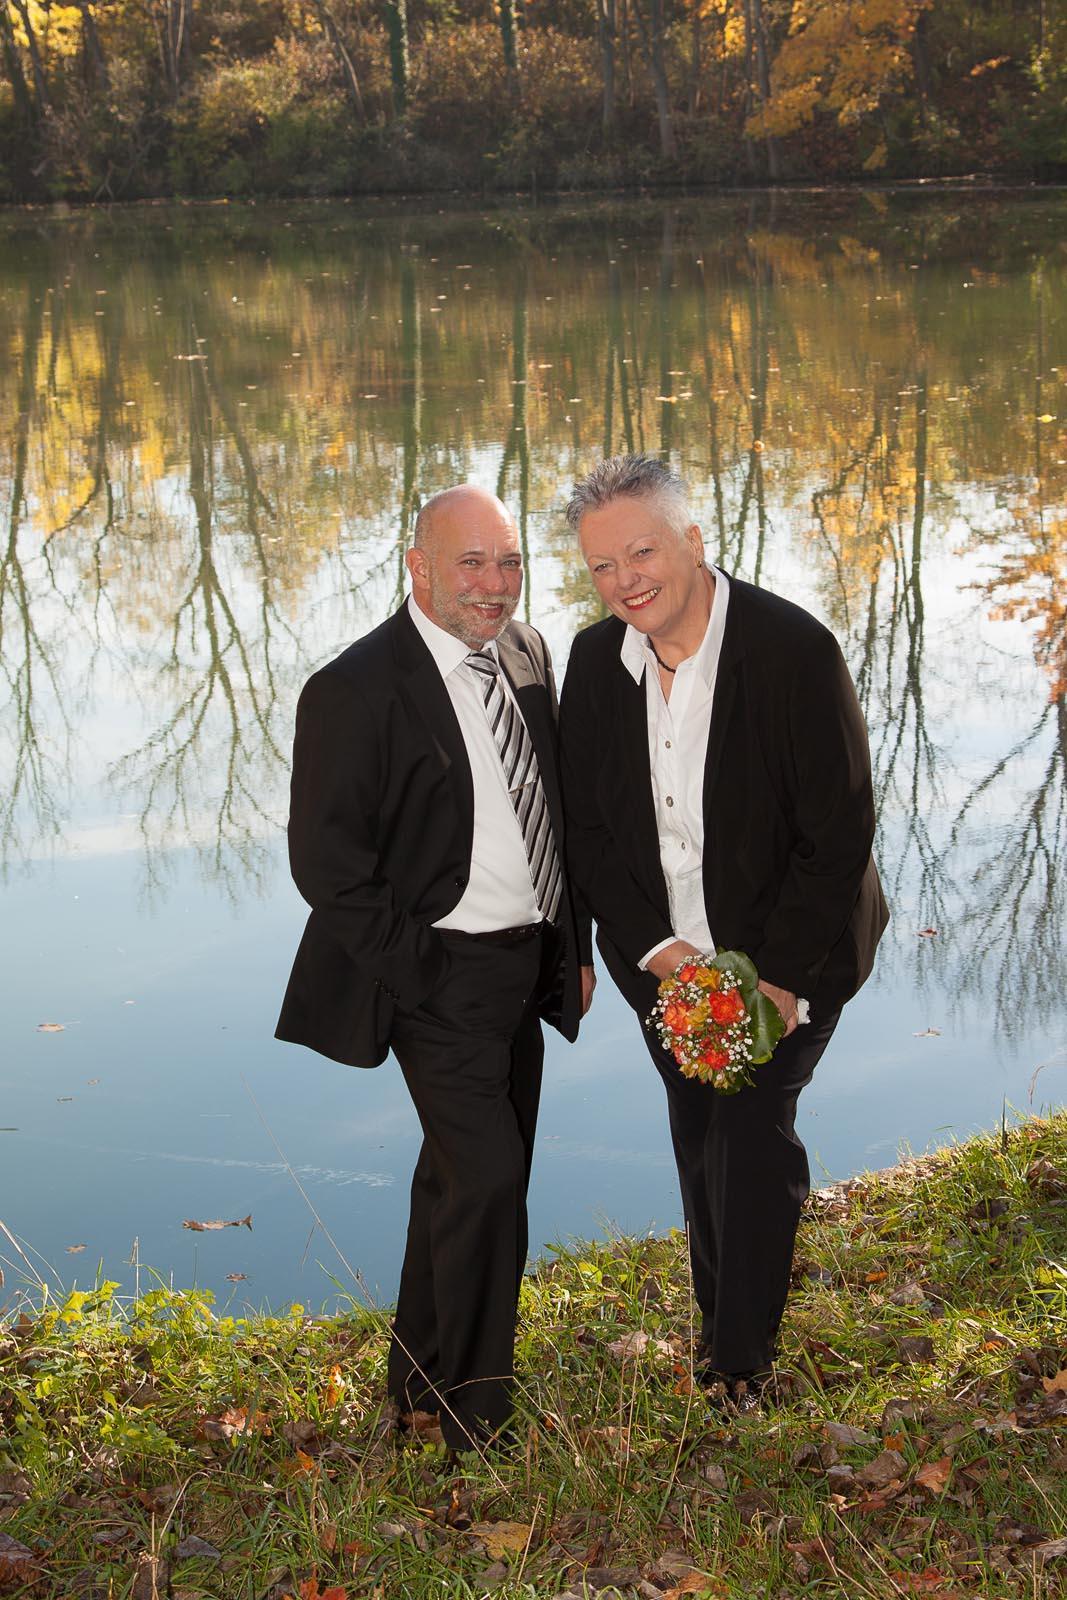 Hochzeit-Portraits.Wohlfarth-Hochzeit-Wohlfahrt-9345.jpg